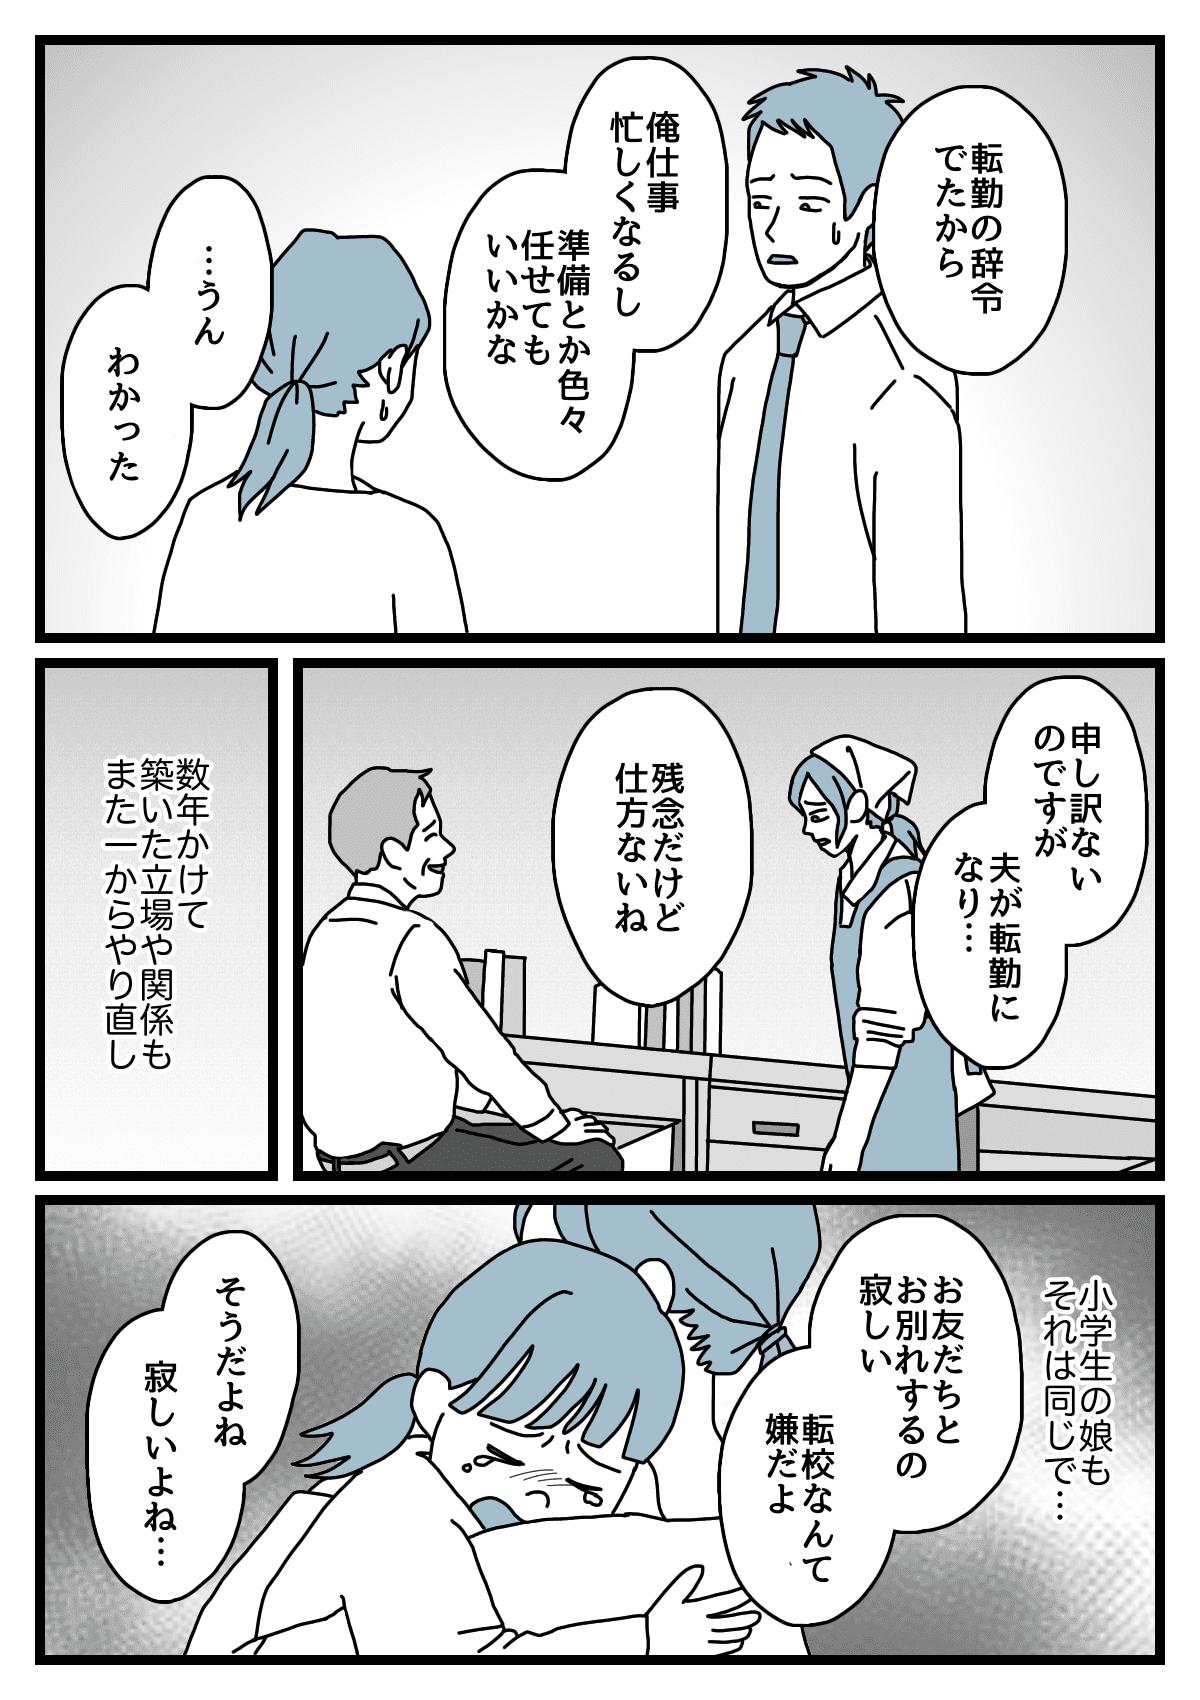 【前編】転勤族1